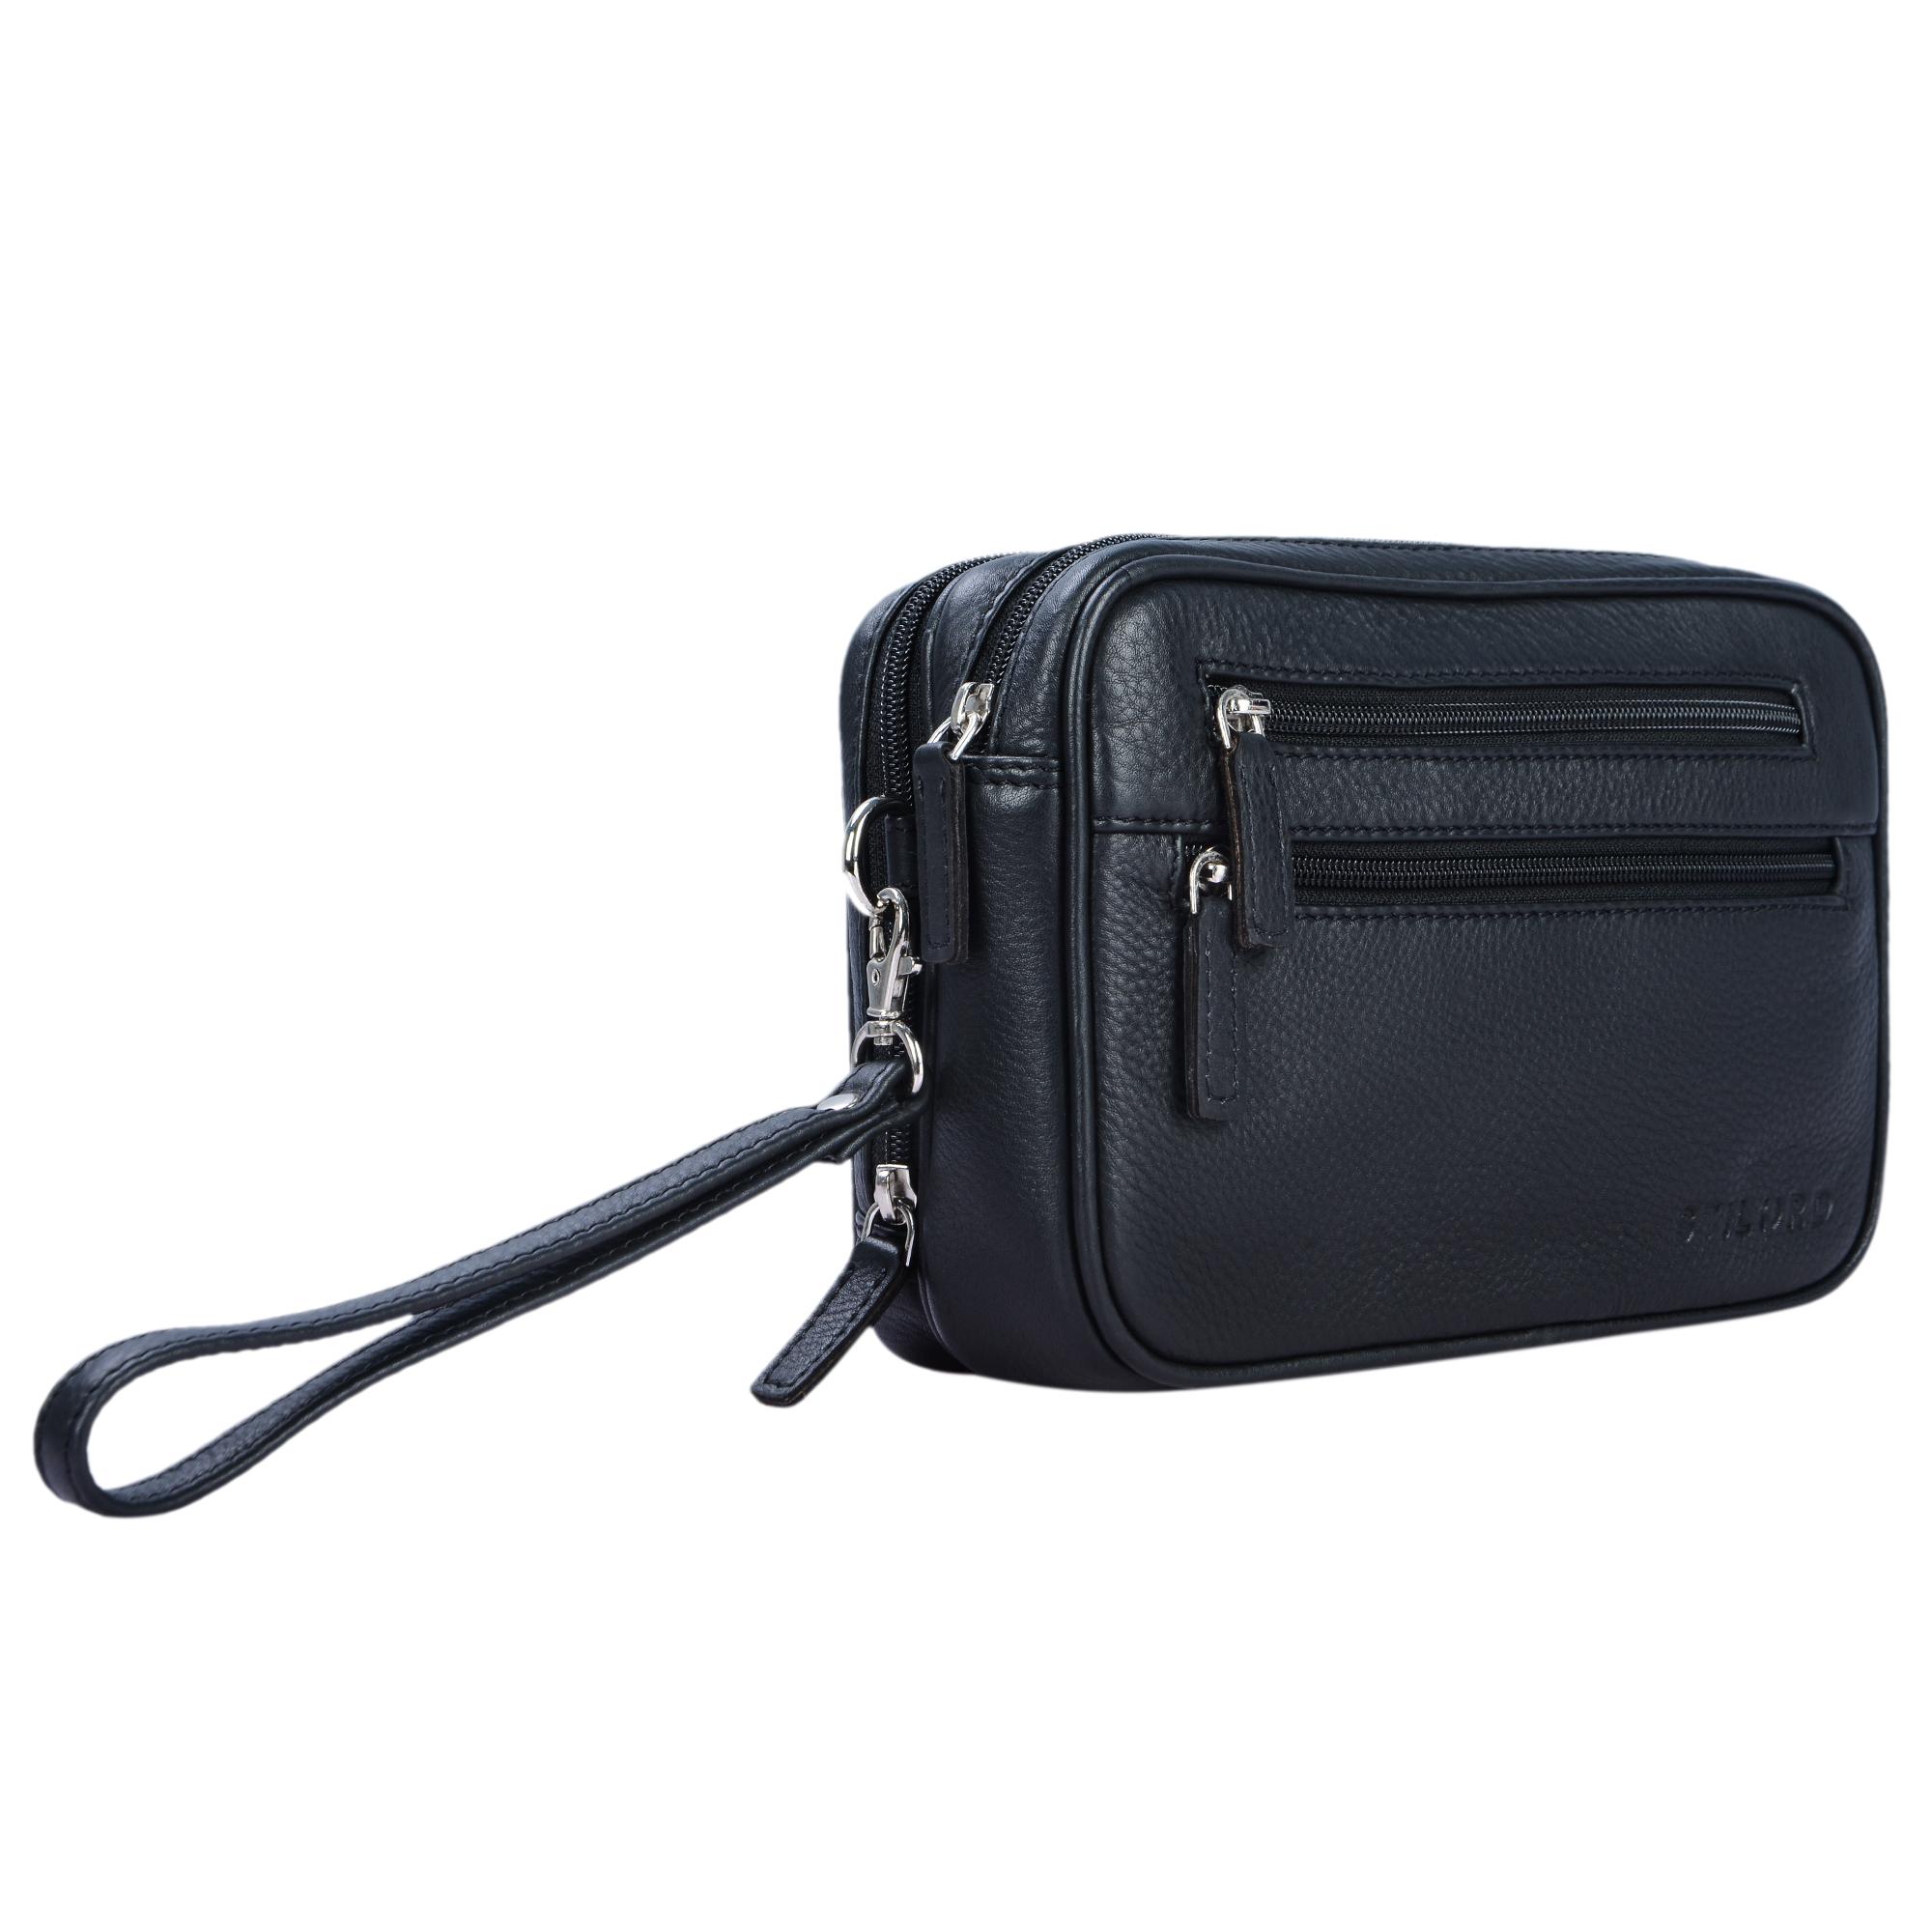 """STILORD """"Nero"""" Handgelenktasche Herren Leder mit Doppelkammer Vintage Handtasche für 8,4 Zoll Tablets ideal für Reisen Festival Herrenhandtasche echtes Leder - Bild 8"""